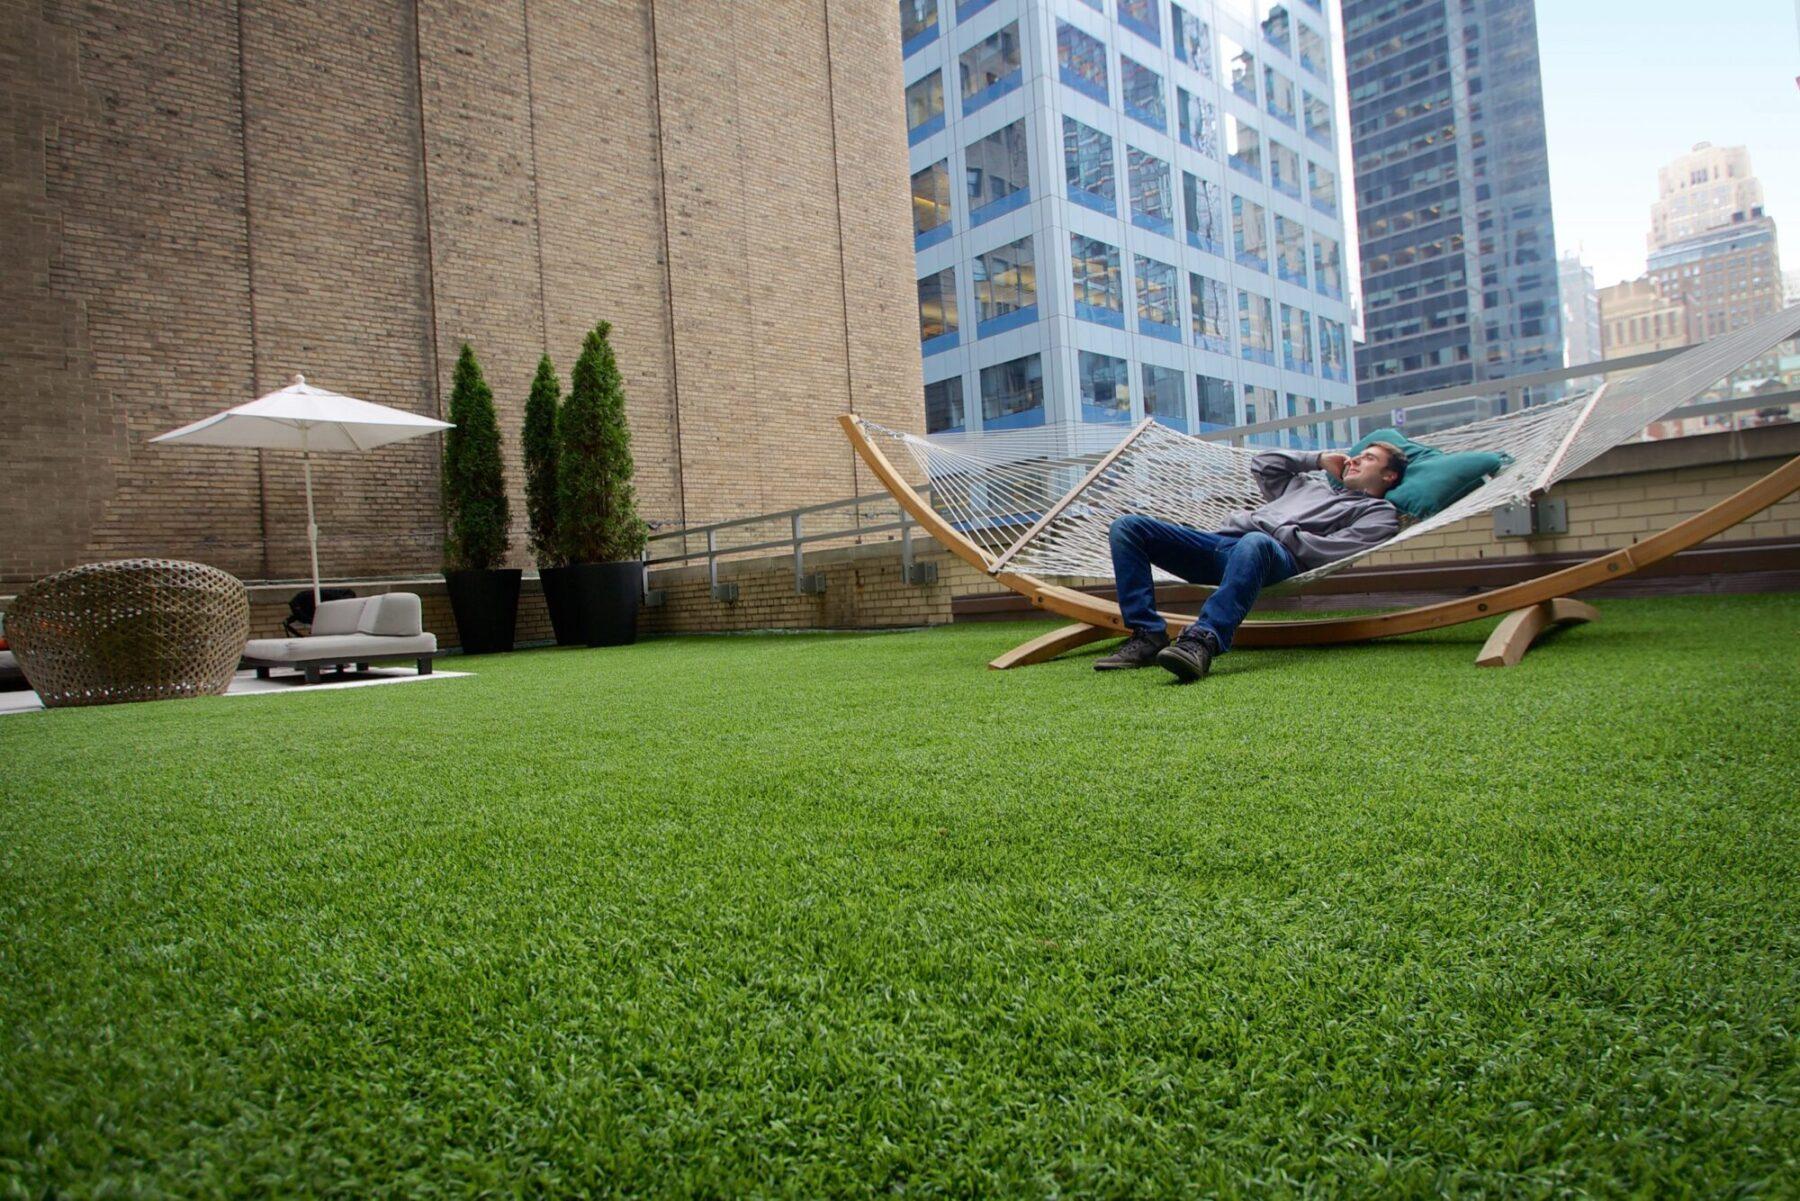 rooftop artificial grass installation near me